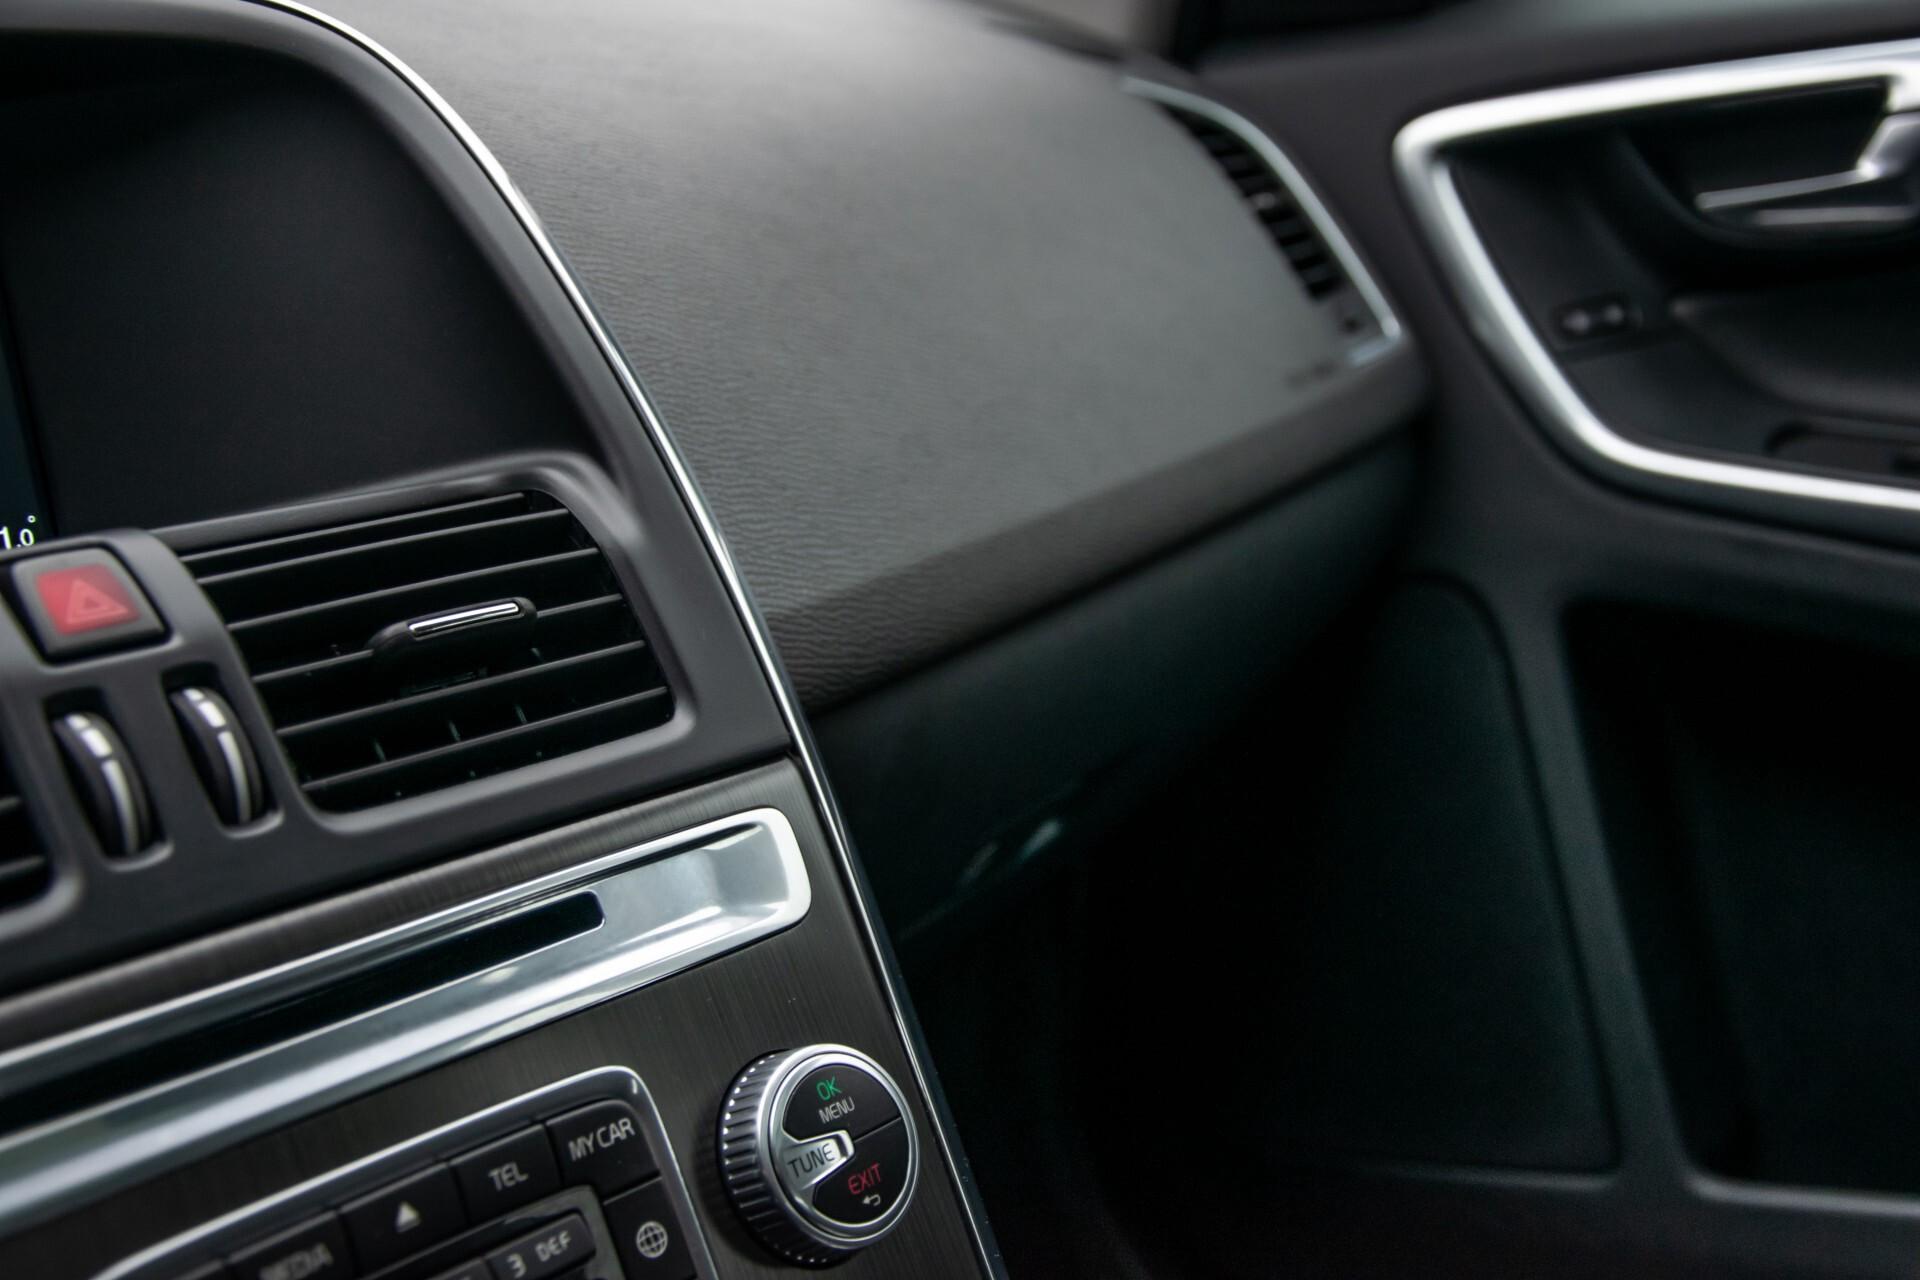 Volvo XC60 2.0 T5 FWD Ocean Race Panorama/Leer/Dealer OH Aut8 Foto 22